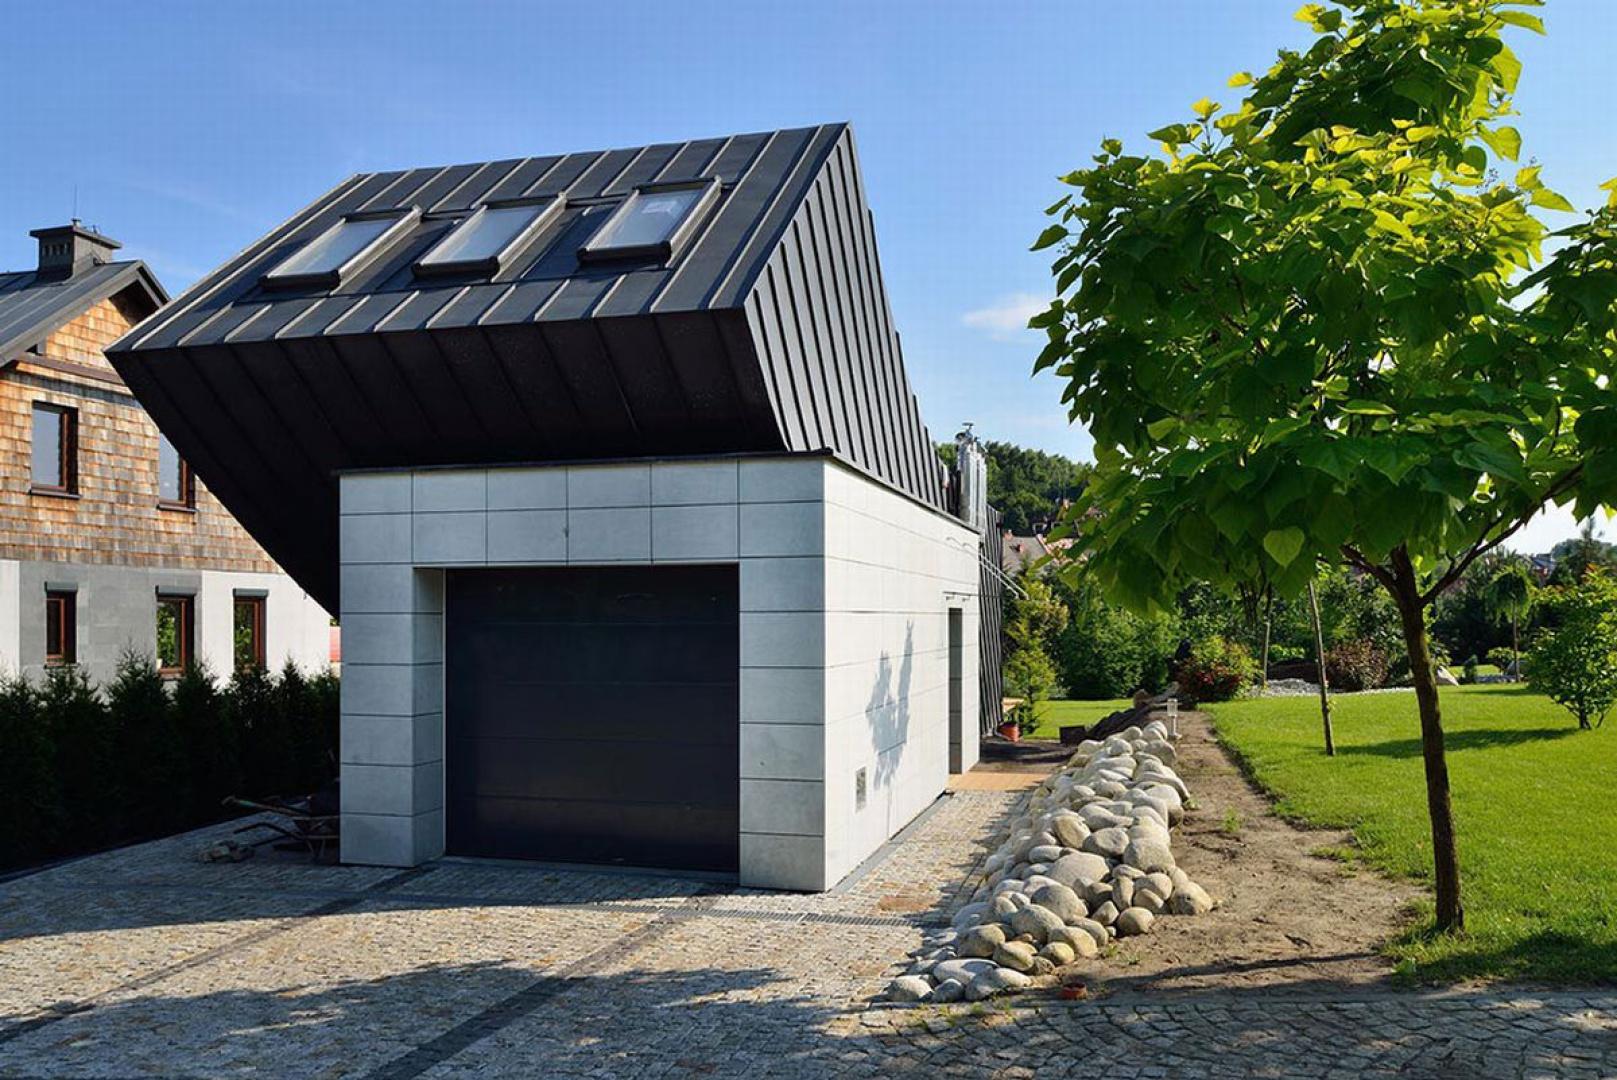 Pomysł na dom, to prosta bryła sześcianu, w której zawarto wyjściową funkcję - pokój dzienny z aneksem kuchennym oraz sypialnią. Projekt: arch. Tadeusz Lemański. Fot. Tomasz Zakrzewski